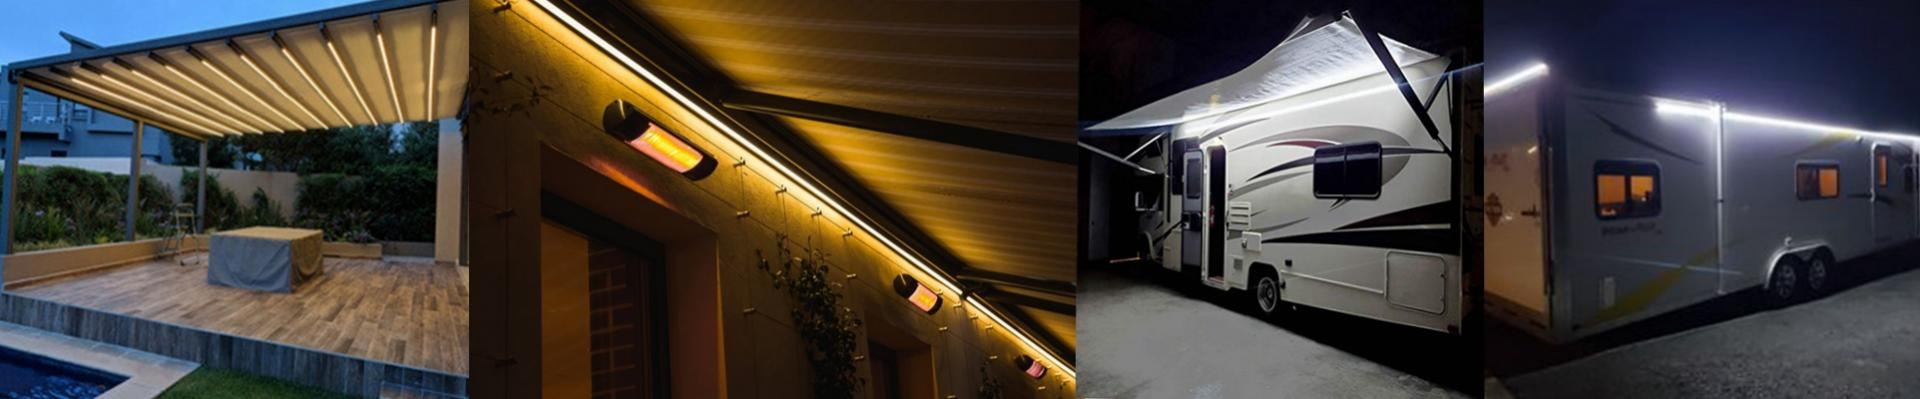 LED Awning Light